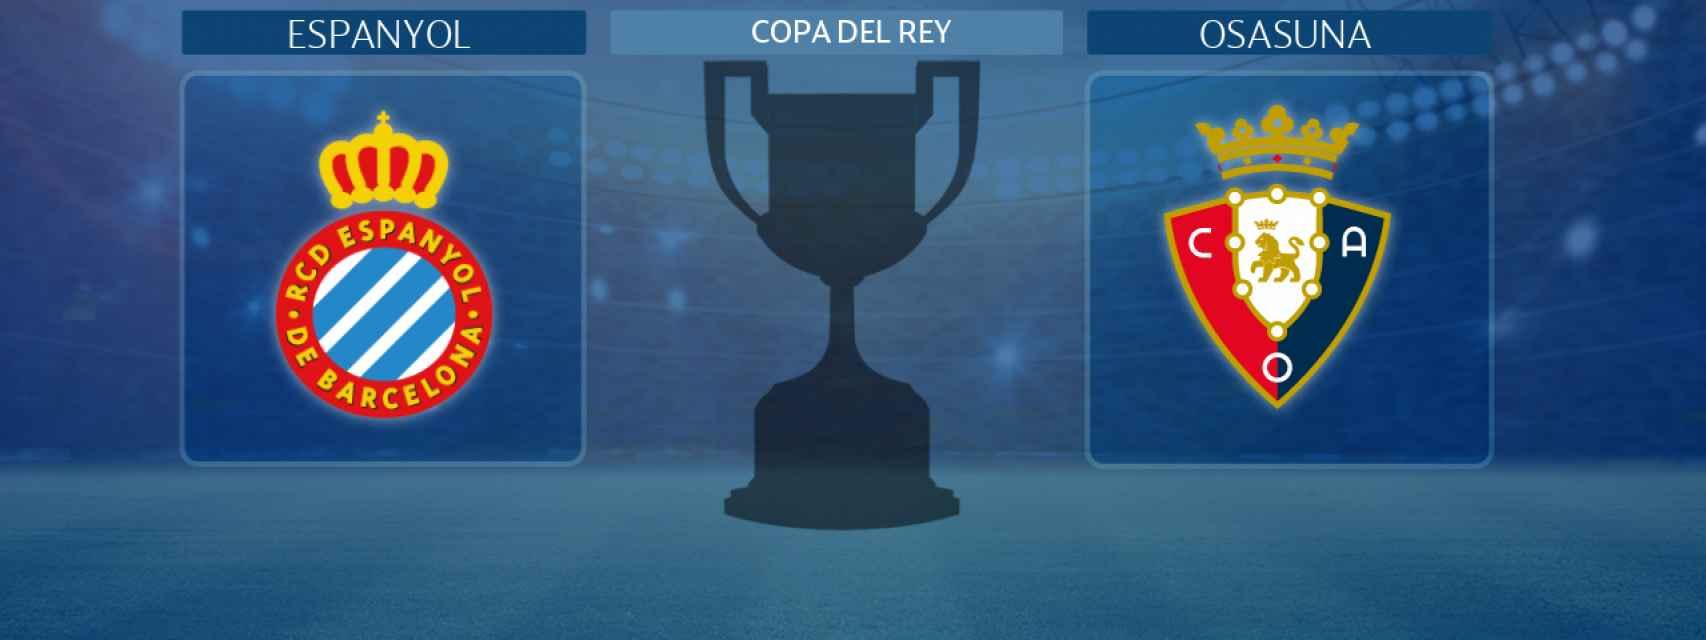 Espanyol - Osasuna, partido de la Copa del Rey